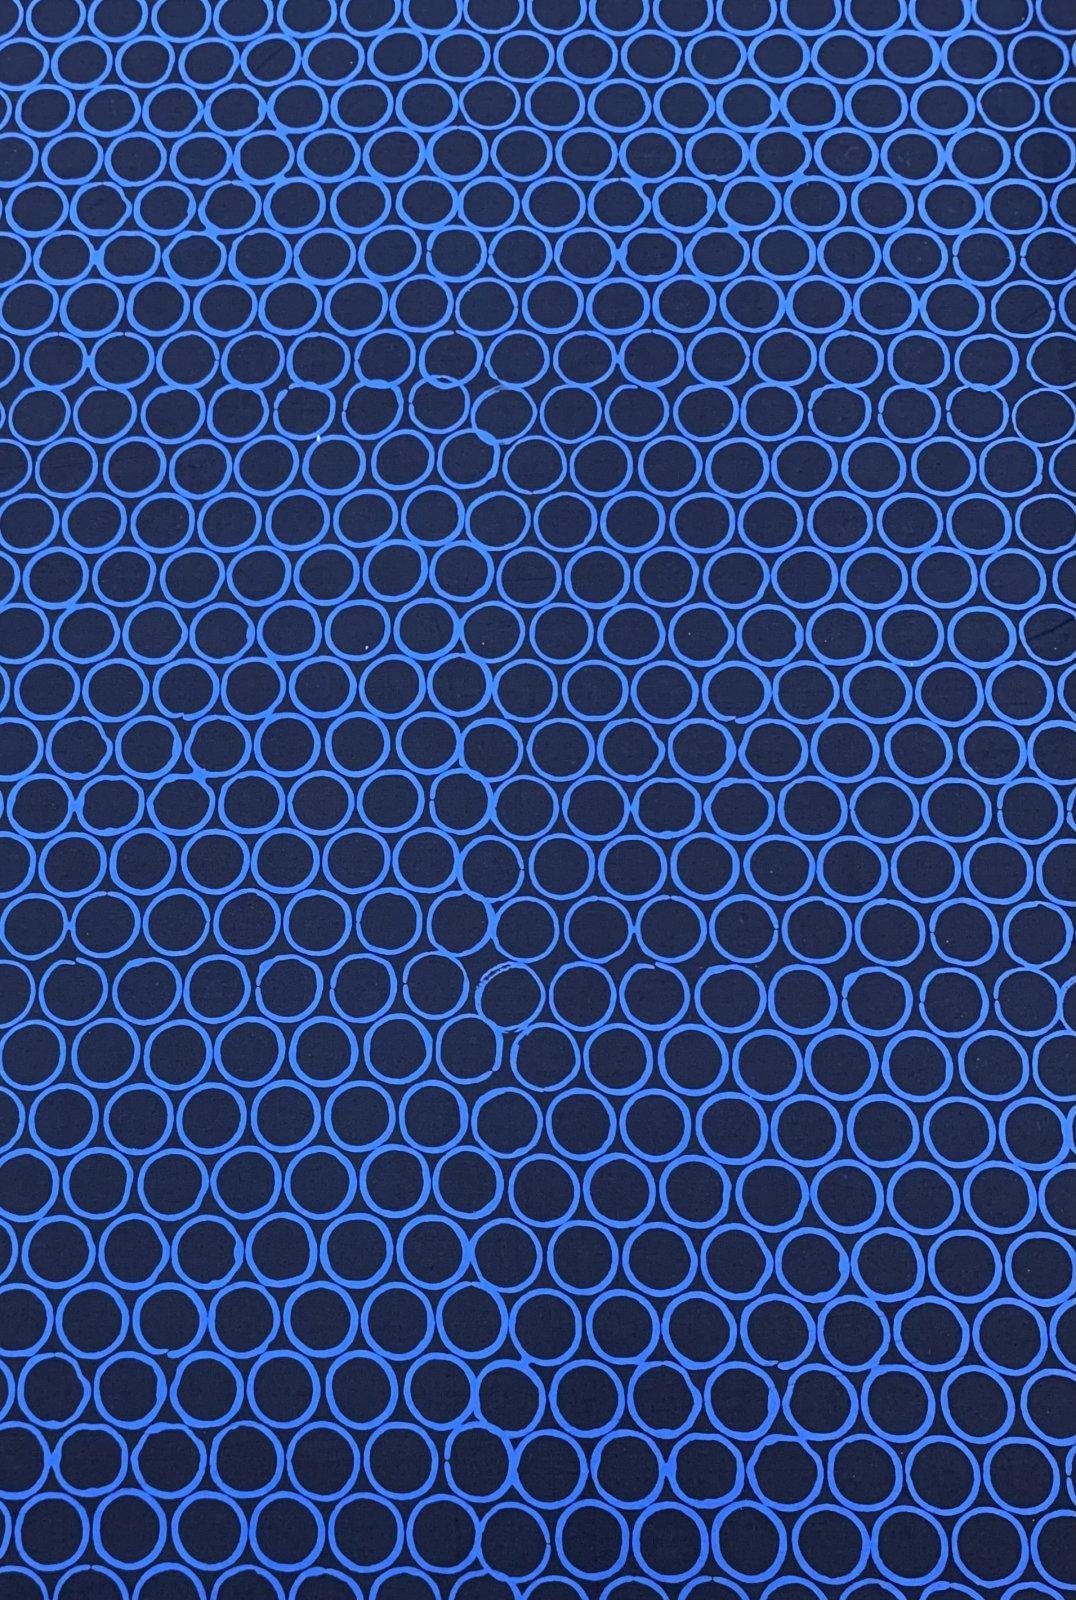 Blue Circles (O)